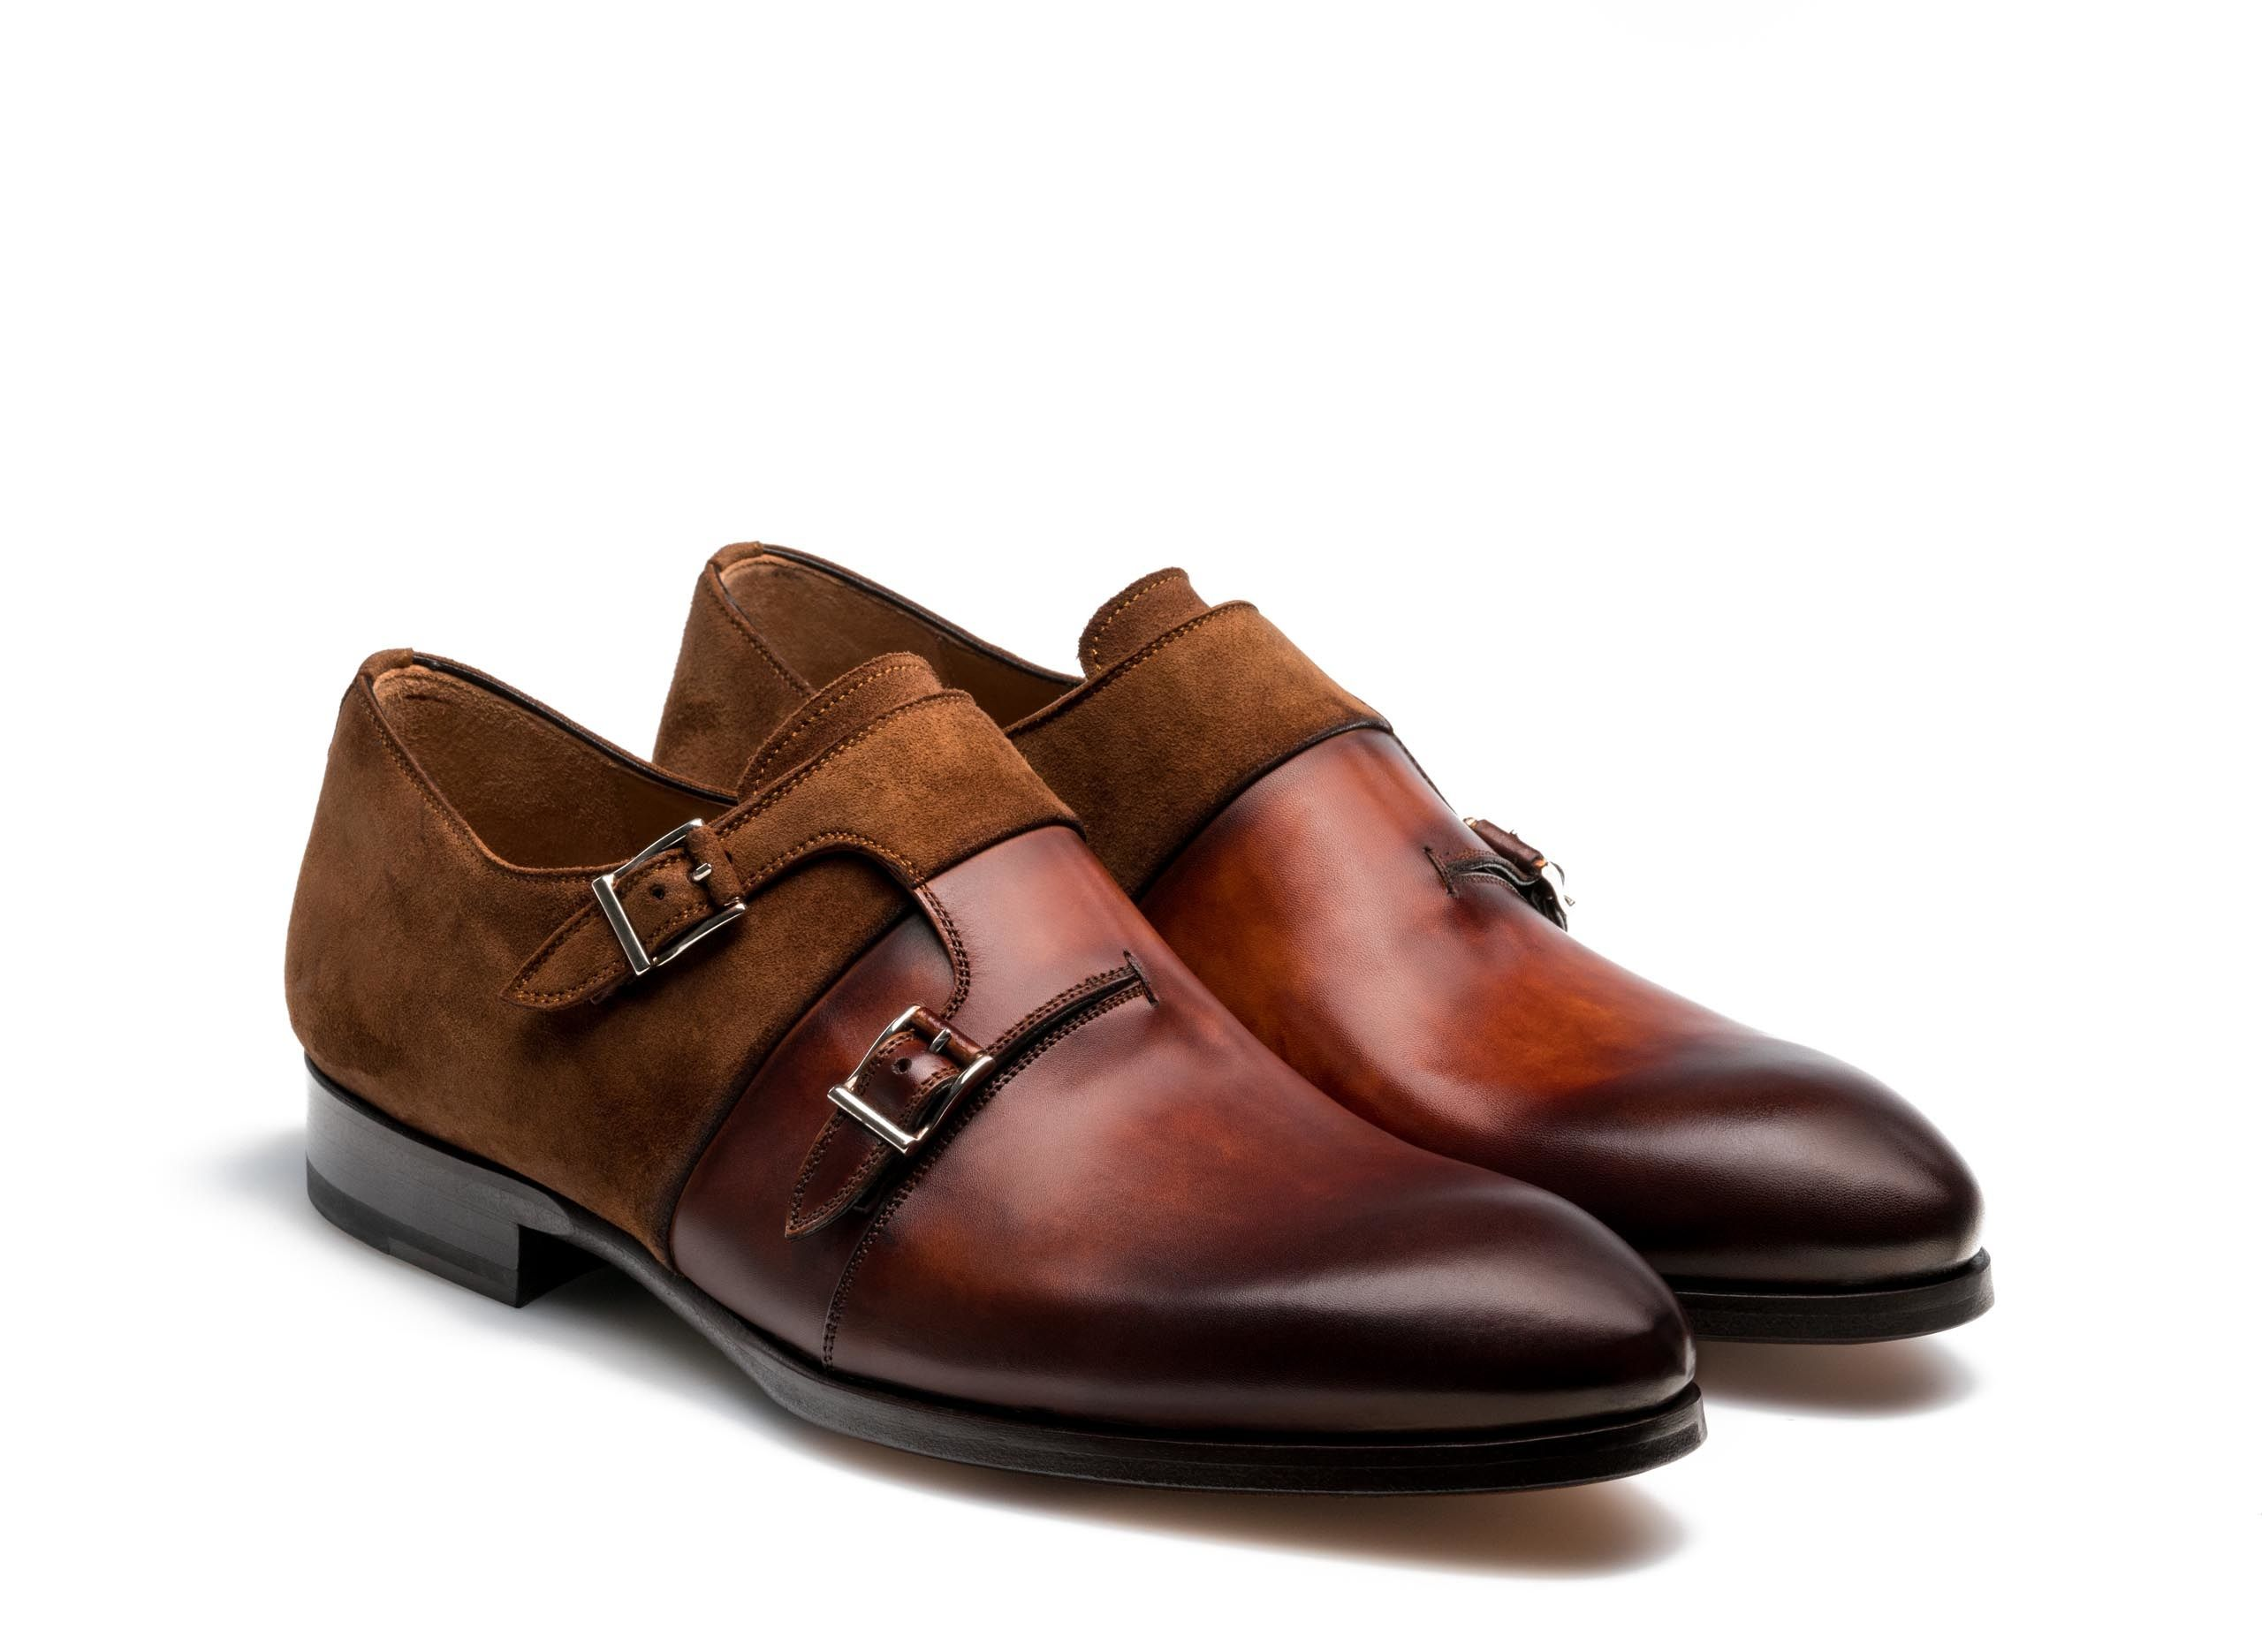 1a06408fcf2 Cognac brown suede leather double monk strap shoes for men - Magnanni